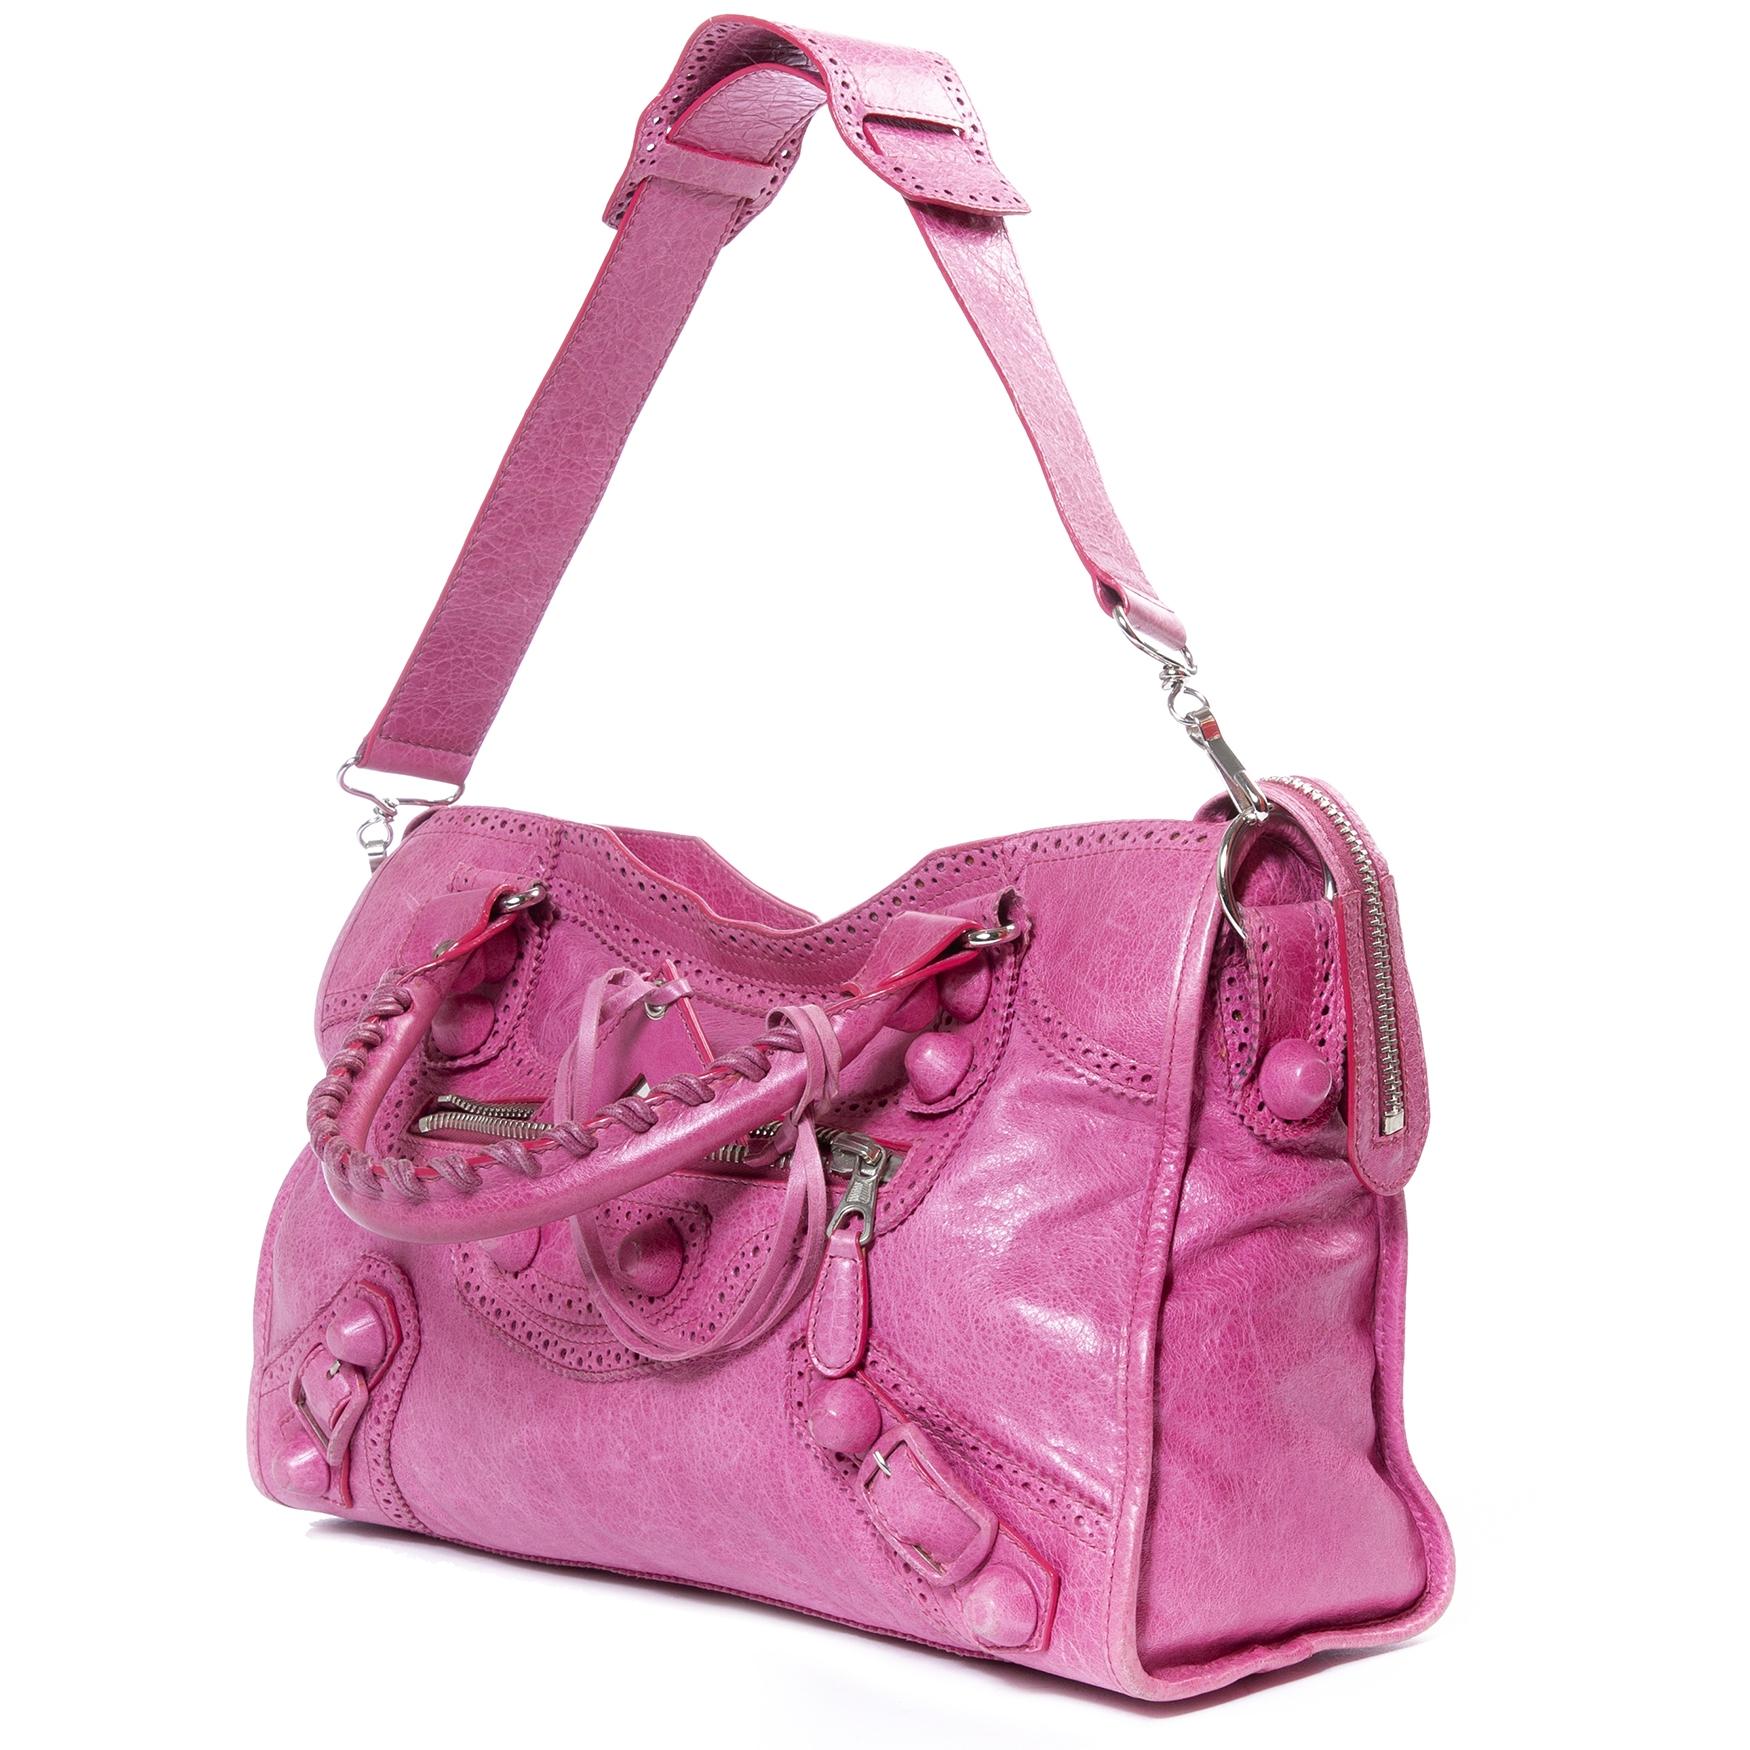 ... Balenciaga Rose Giant City Bag te koop bij Labellov tweedehands in  Antwerpen c7ed1d4ff51